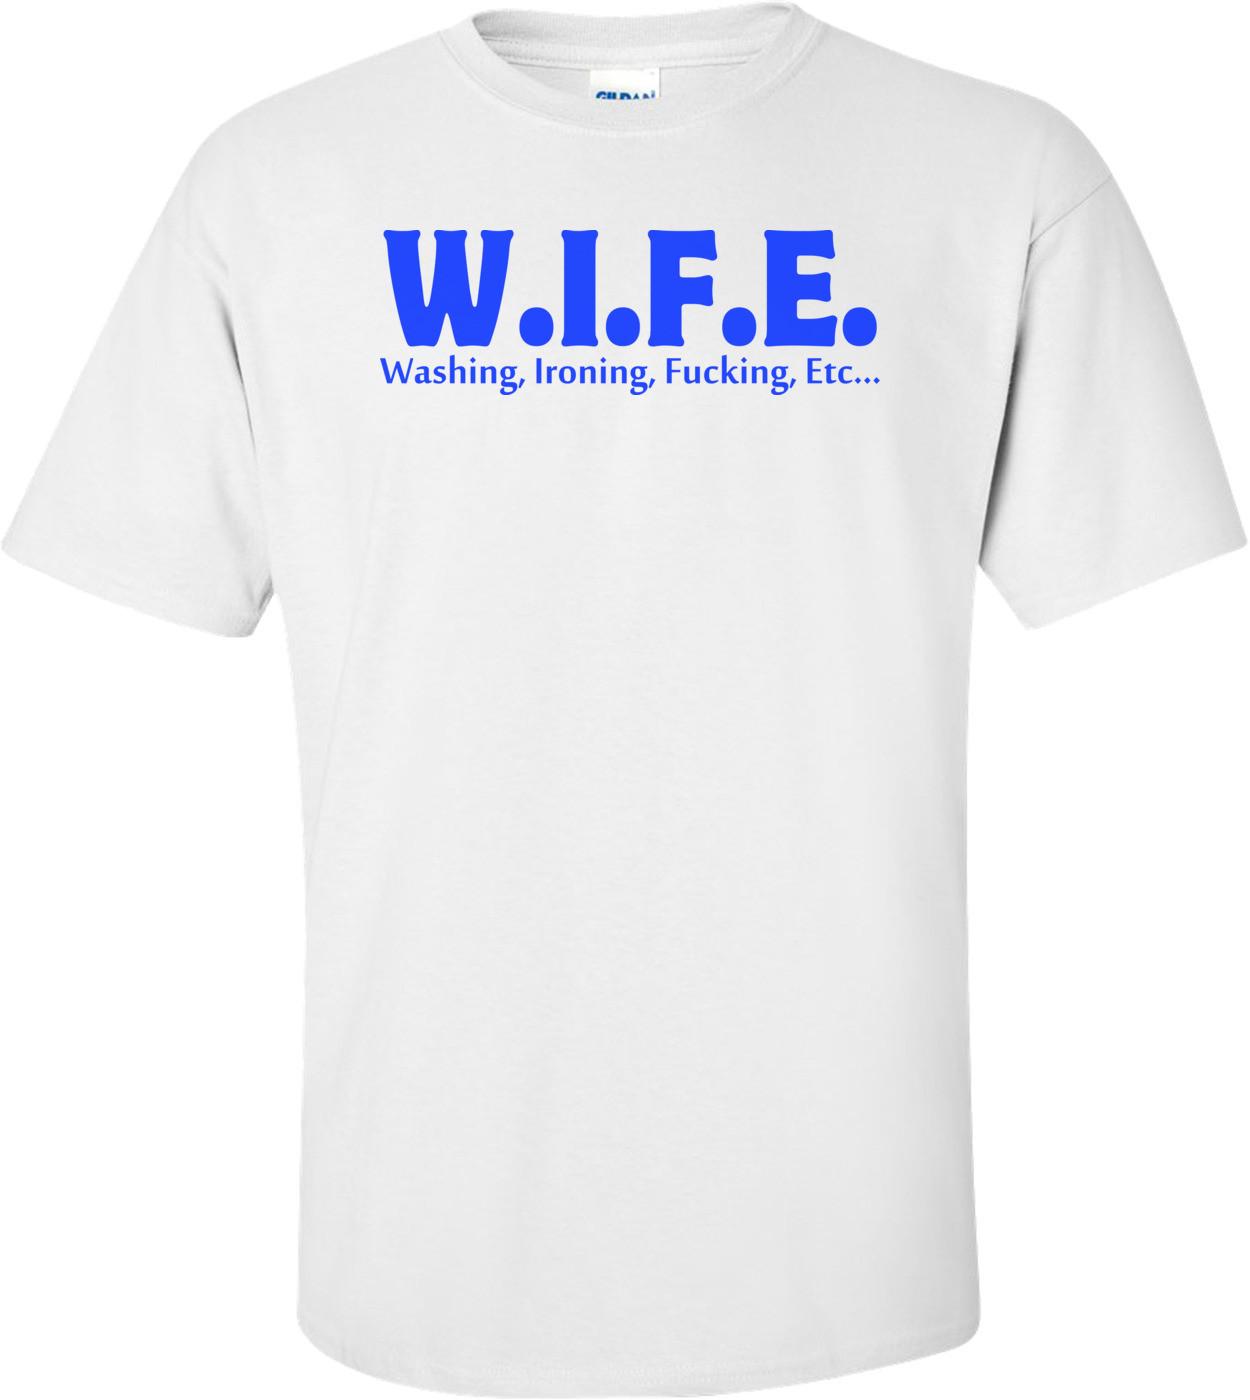 W.i.f.e. Washing, Ironing, Fucking, Etc Shirt